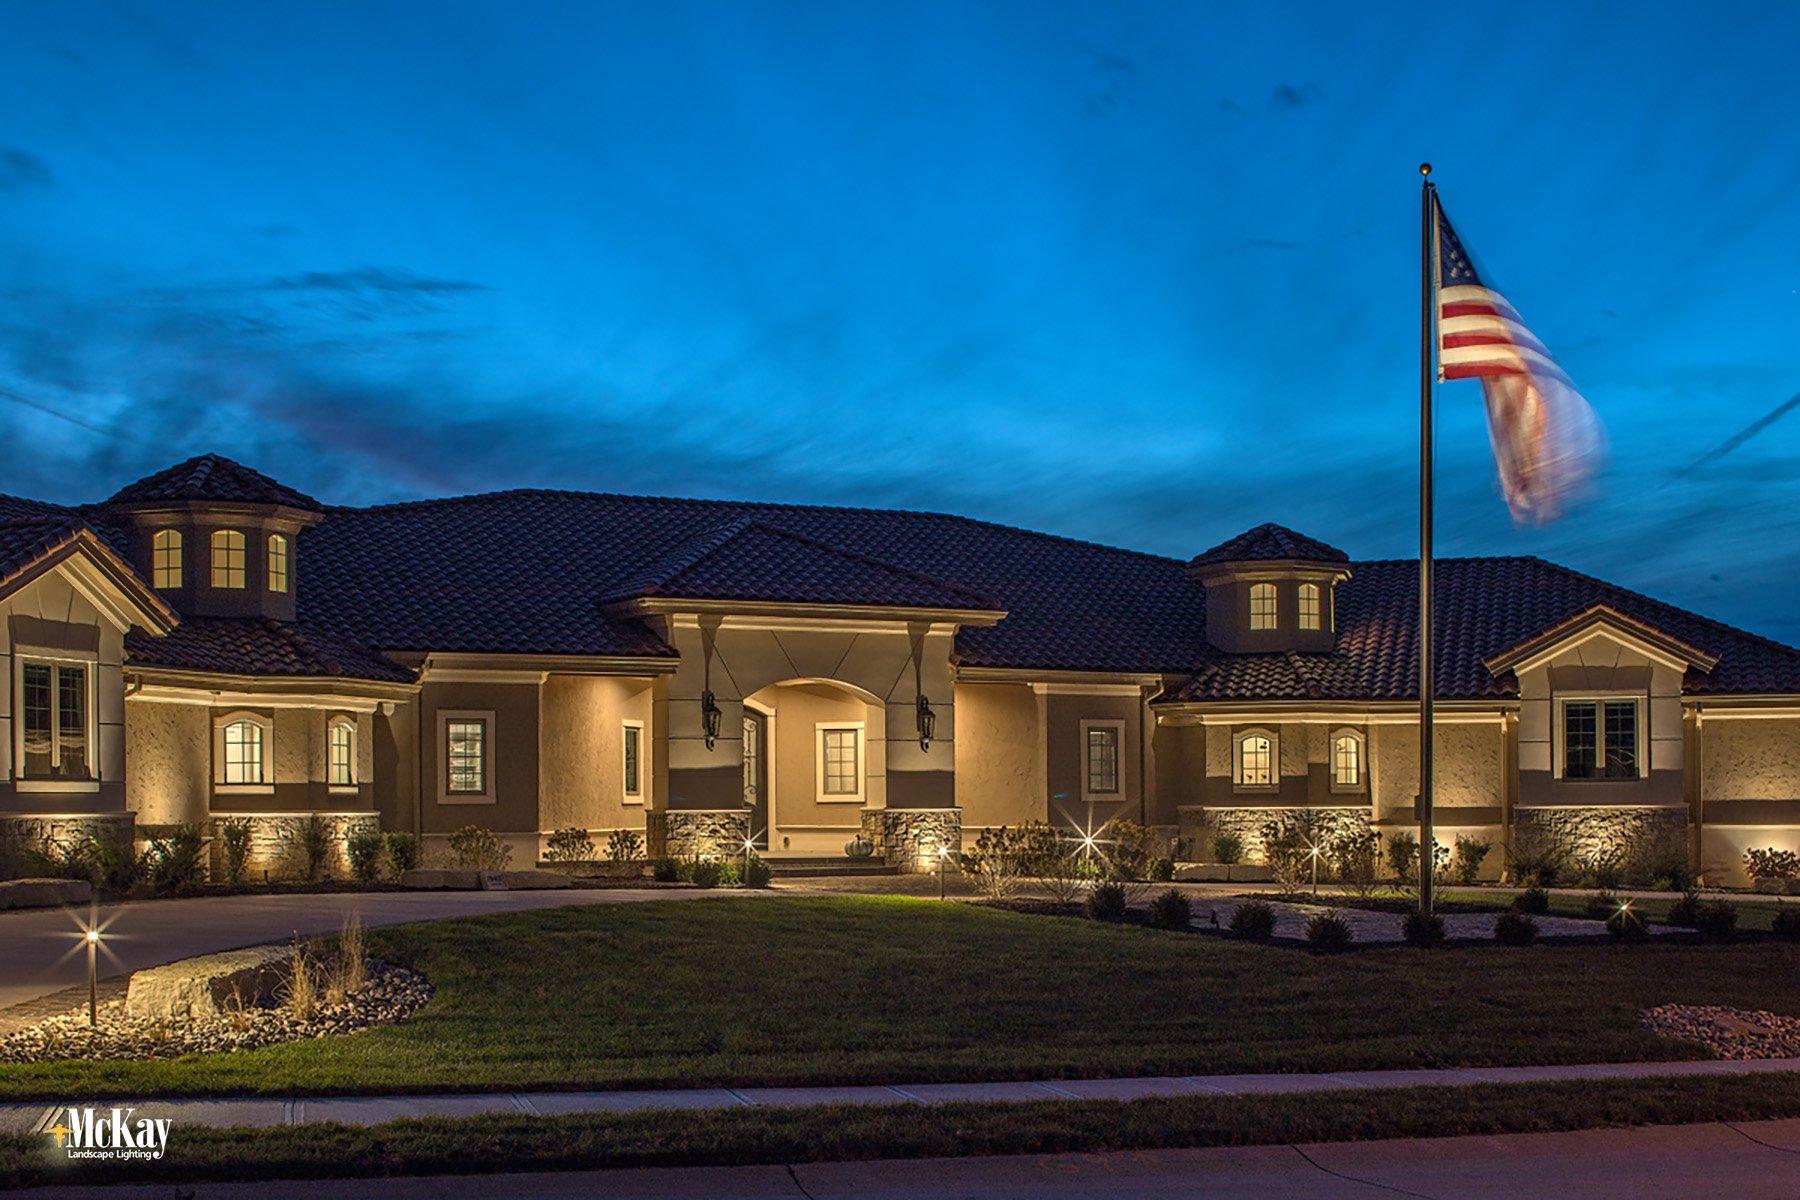 Residential Landscape Lighting Omaha Nebraska McKay Lighting IC 10